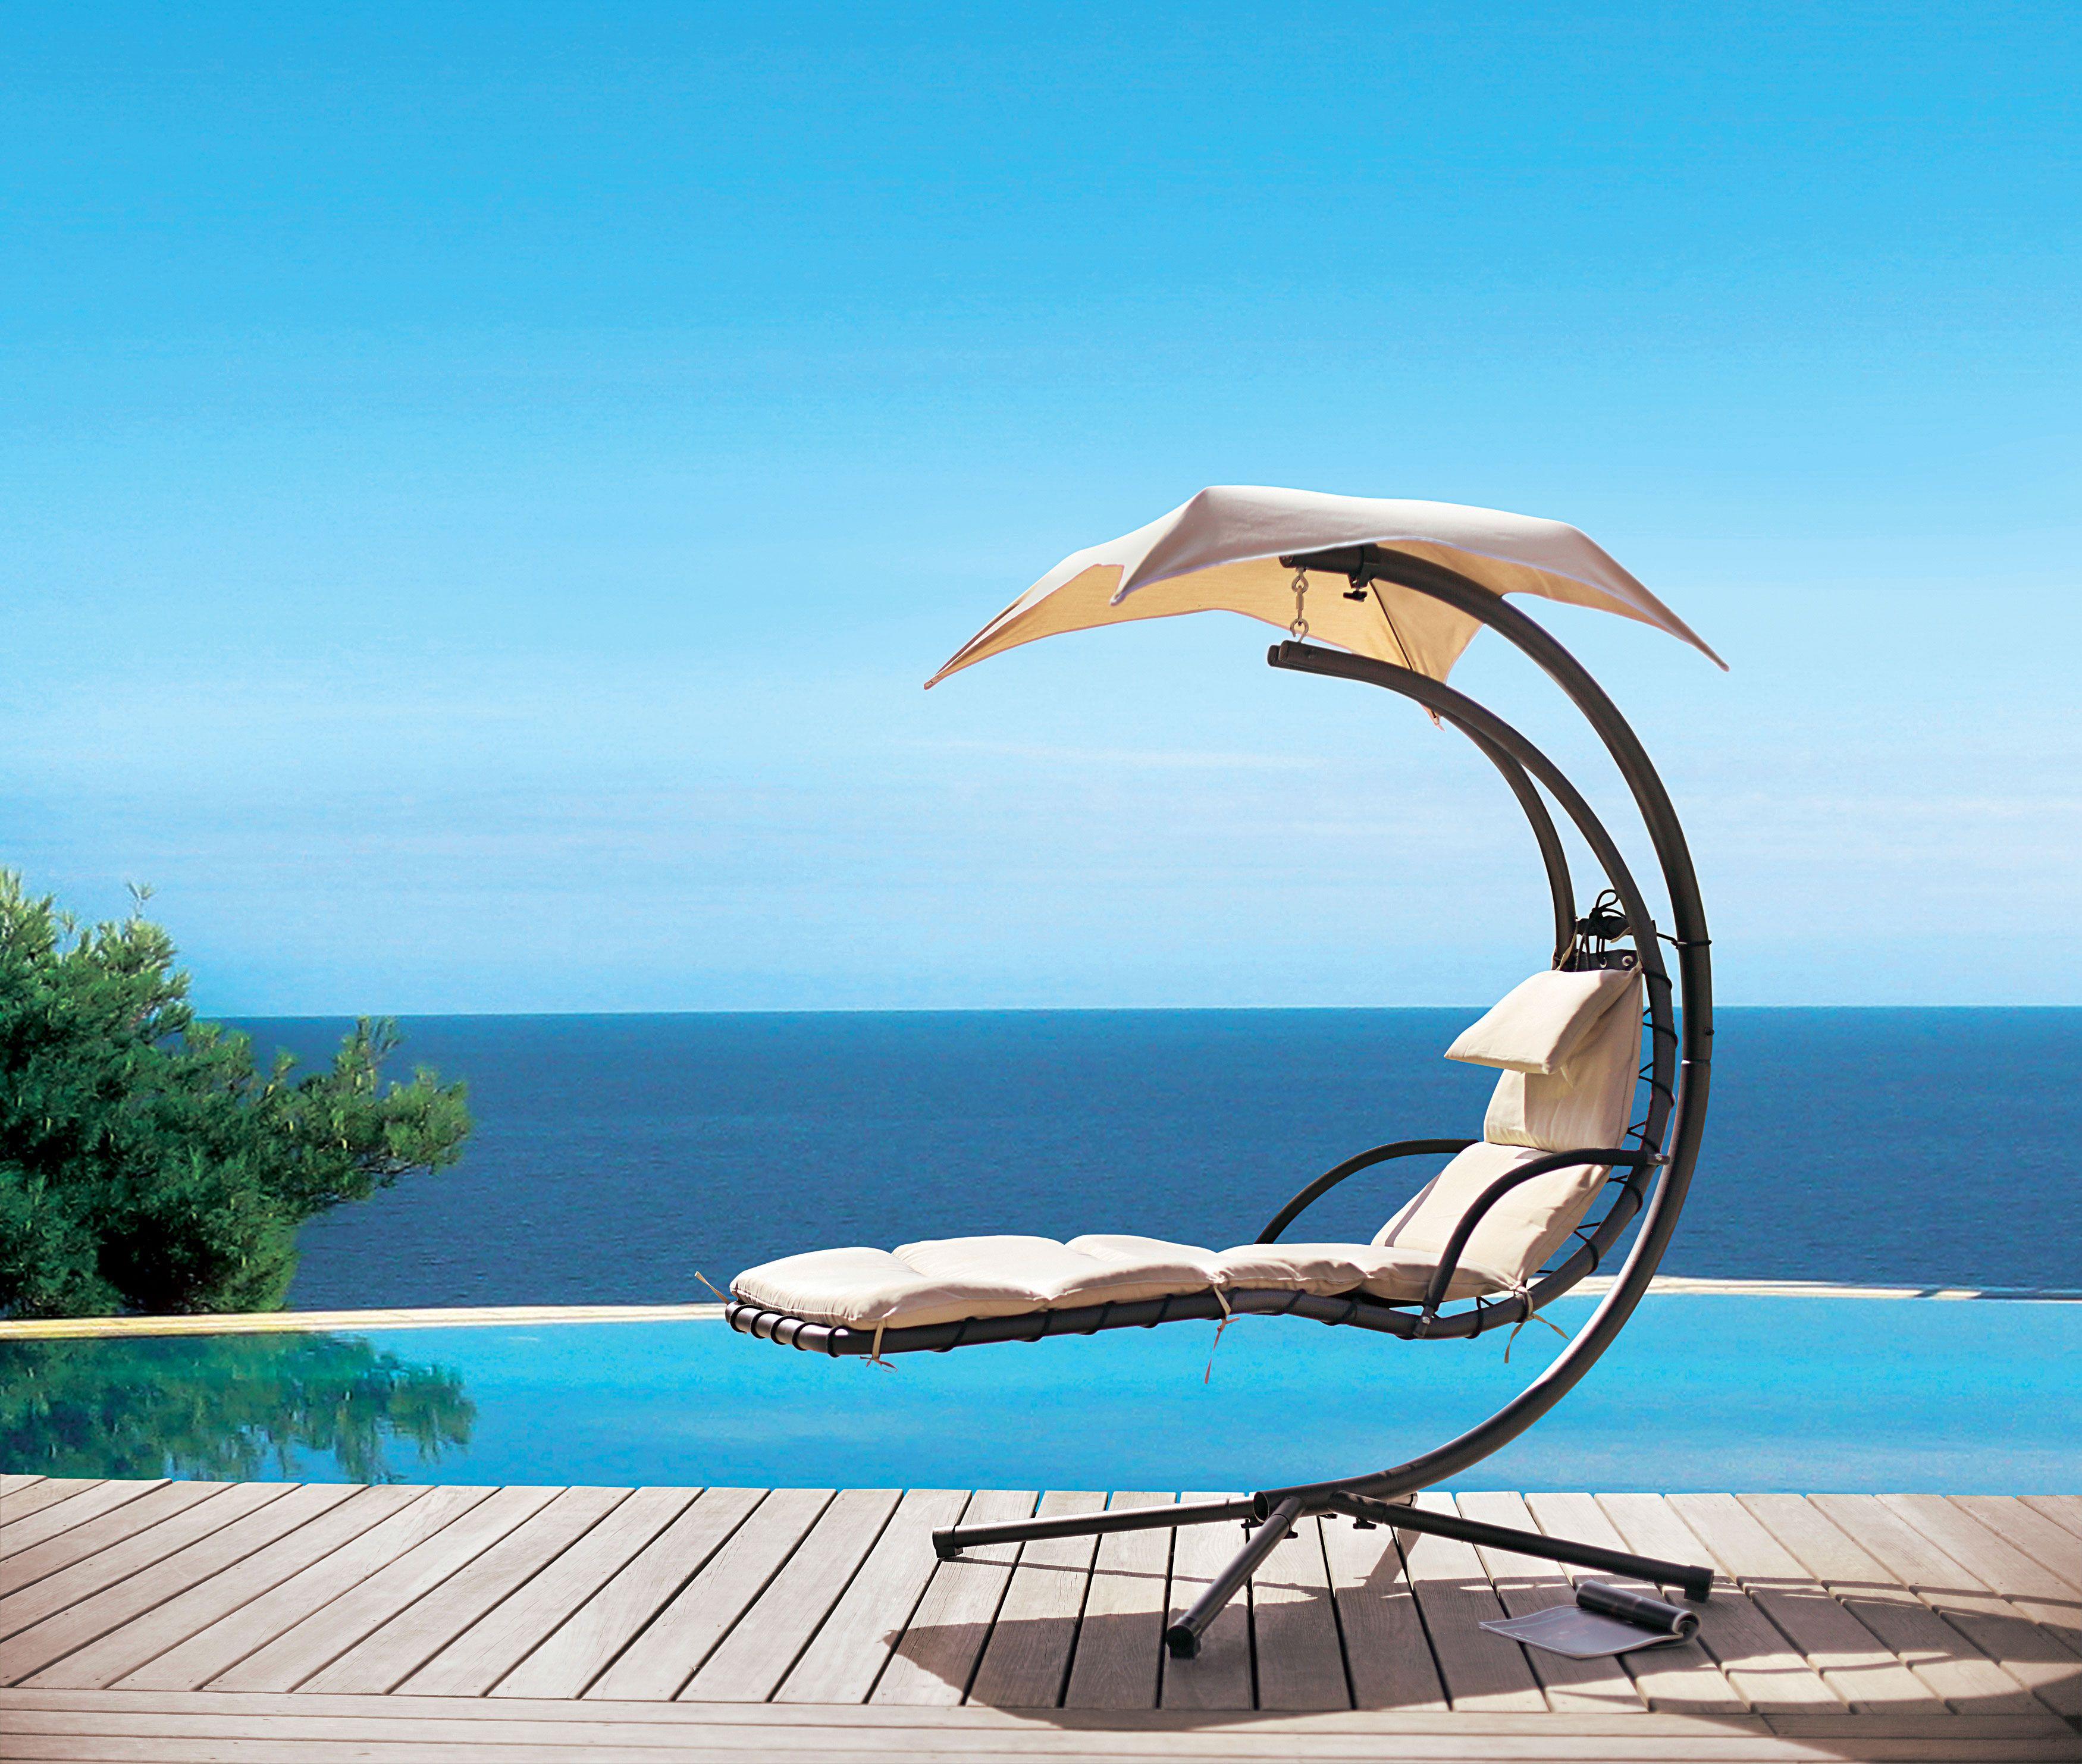 balancelle au bord de la piscine jardin vivre au jardin pinterest chair hanging chair et. Black Bedroom Furniture Sets. Home Design Ideas